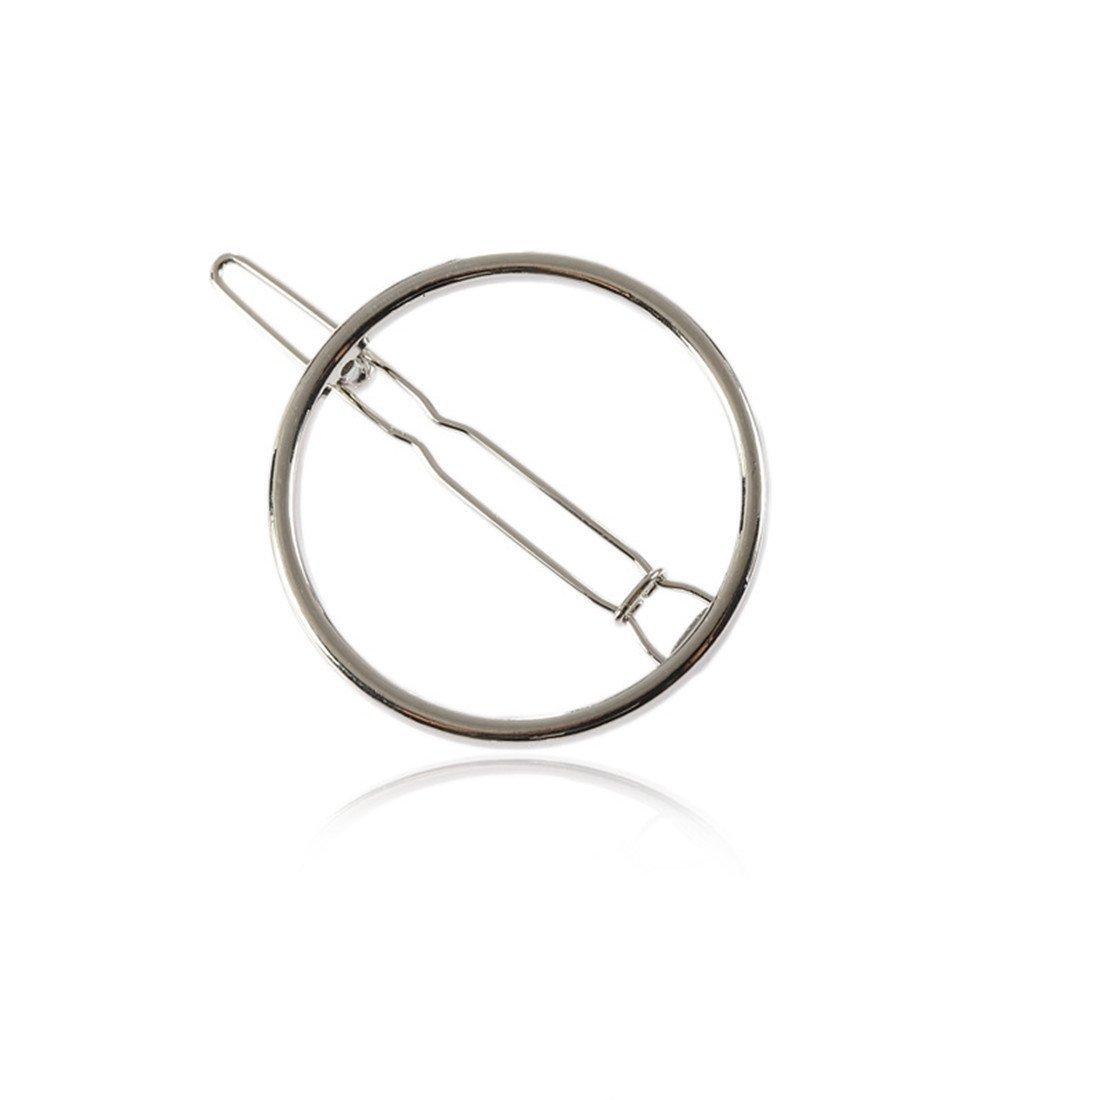 D& D-Bijoux de mode Barrette/Épingle/Peigne Cheveux/Clip a Cheveux/Pince a Cheveux/Ornements américains et européens métaux géométrique Simple Circulaire épingle épingle 3.5cm Black